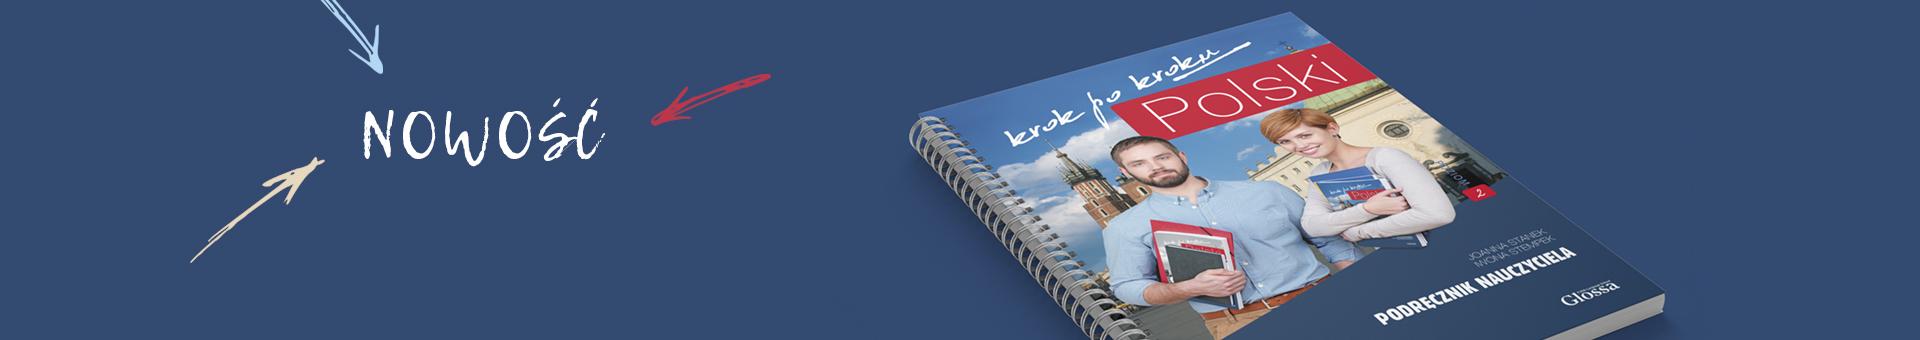 Podręcznik nauczyciela 2